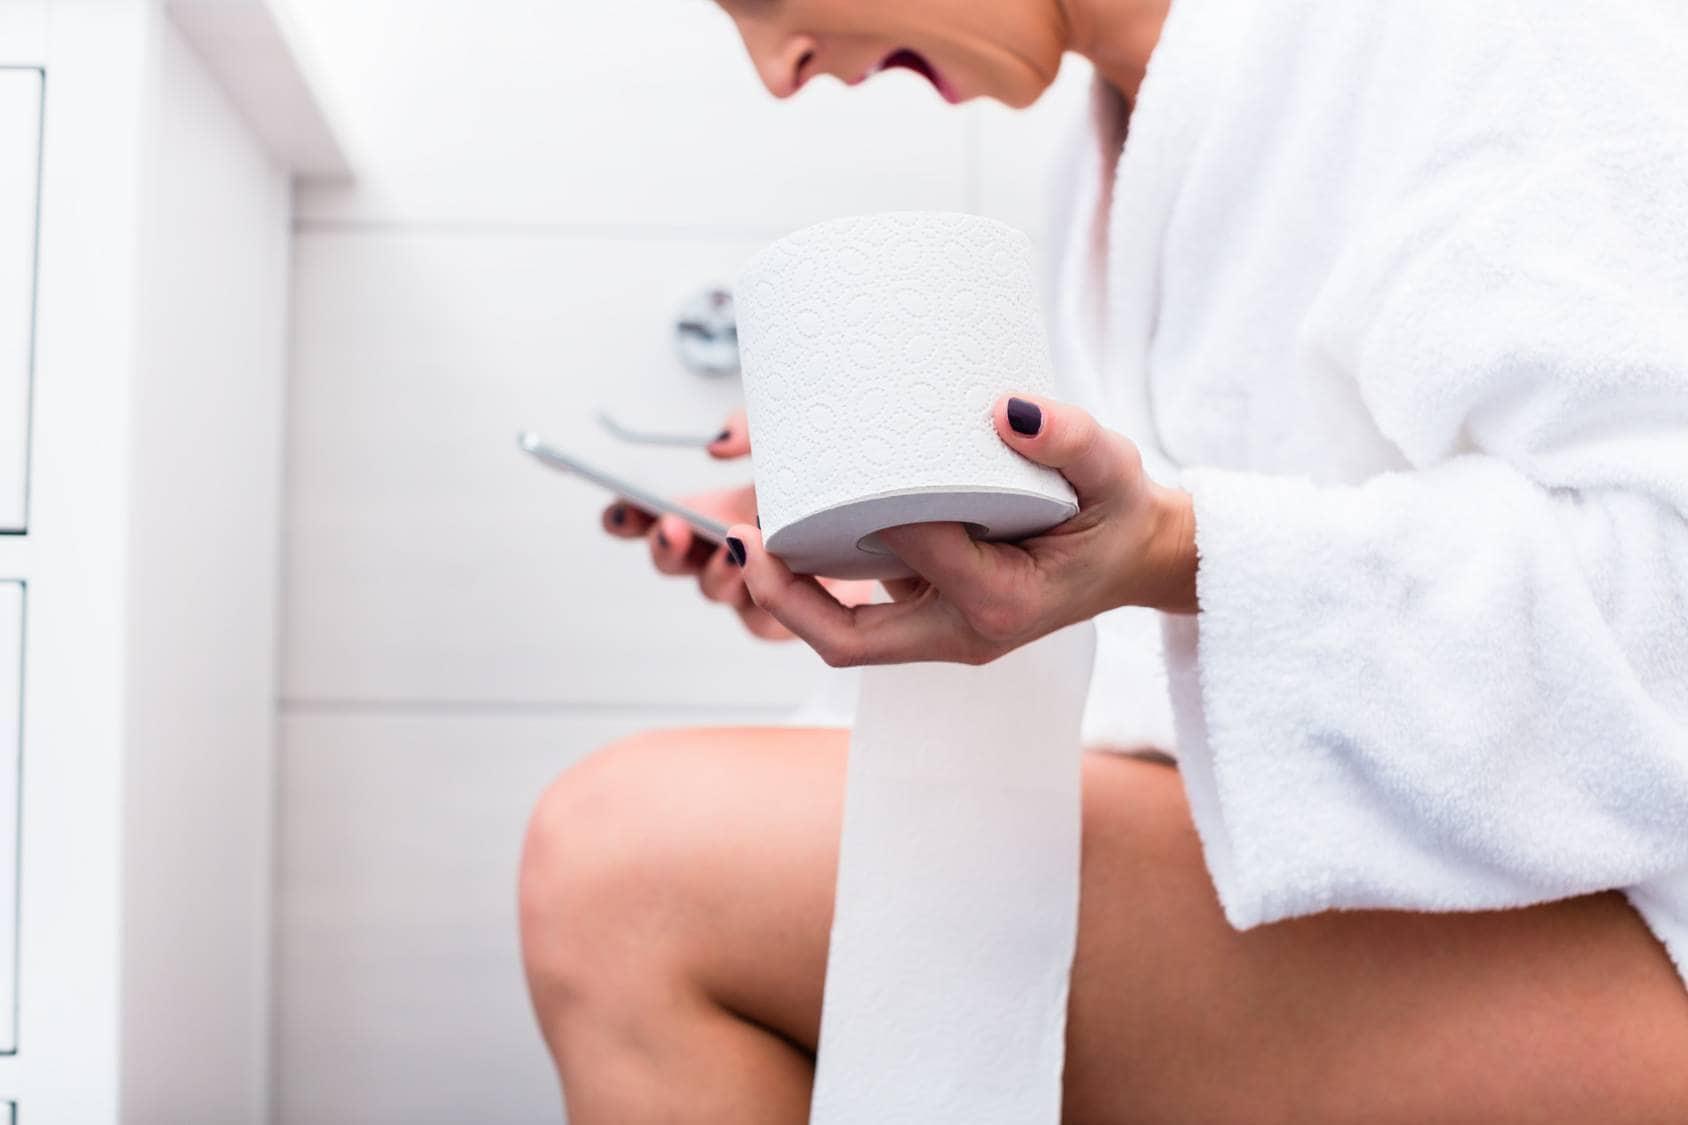 kan man få urinvägsinfektion av kyla